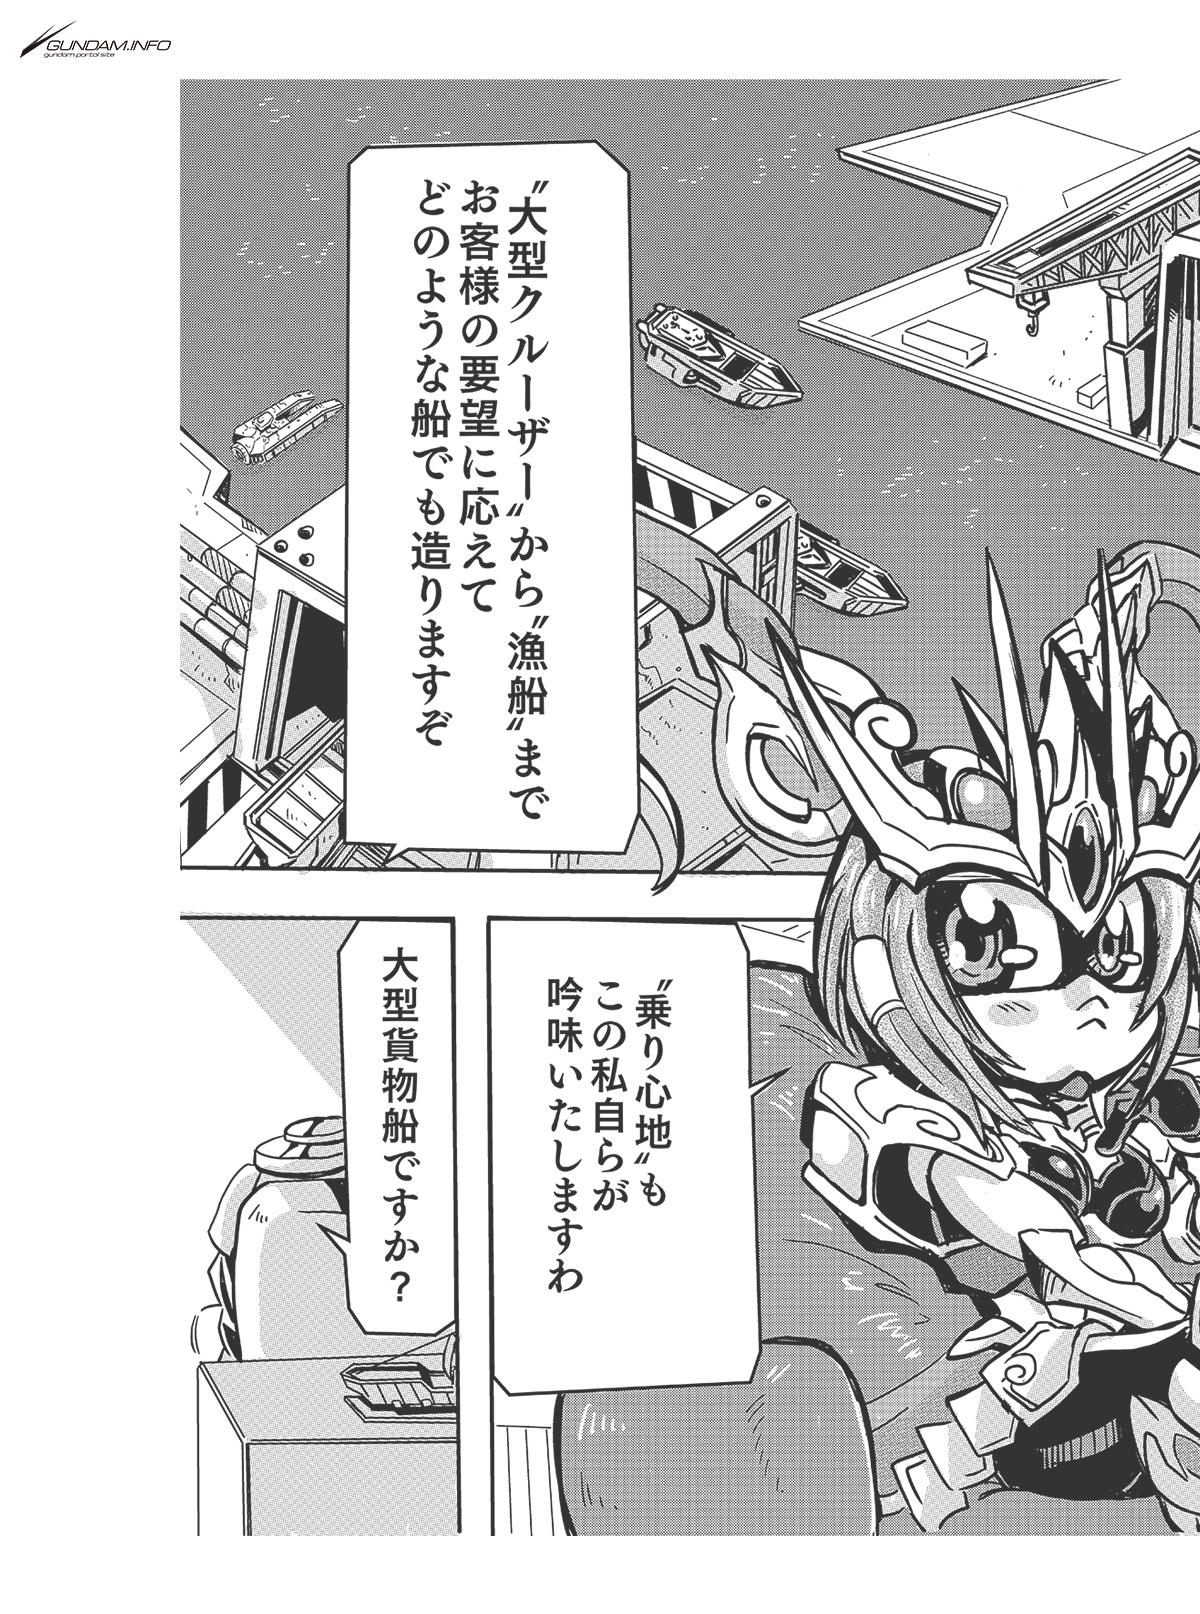 SDガンダムワールド 三国創傑伝 焔虎譚 第5話 P3